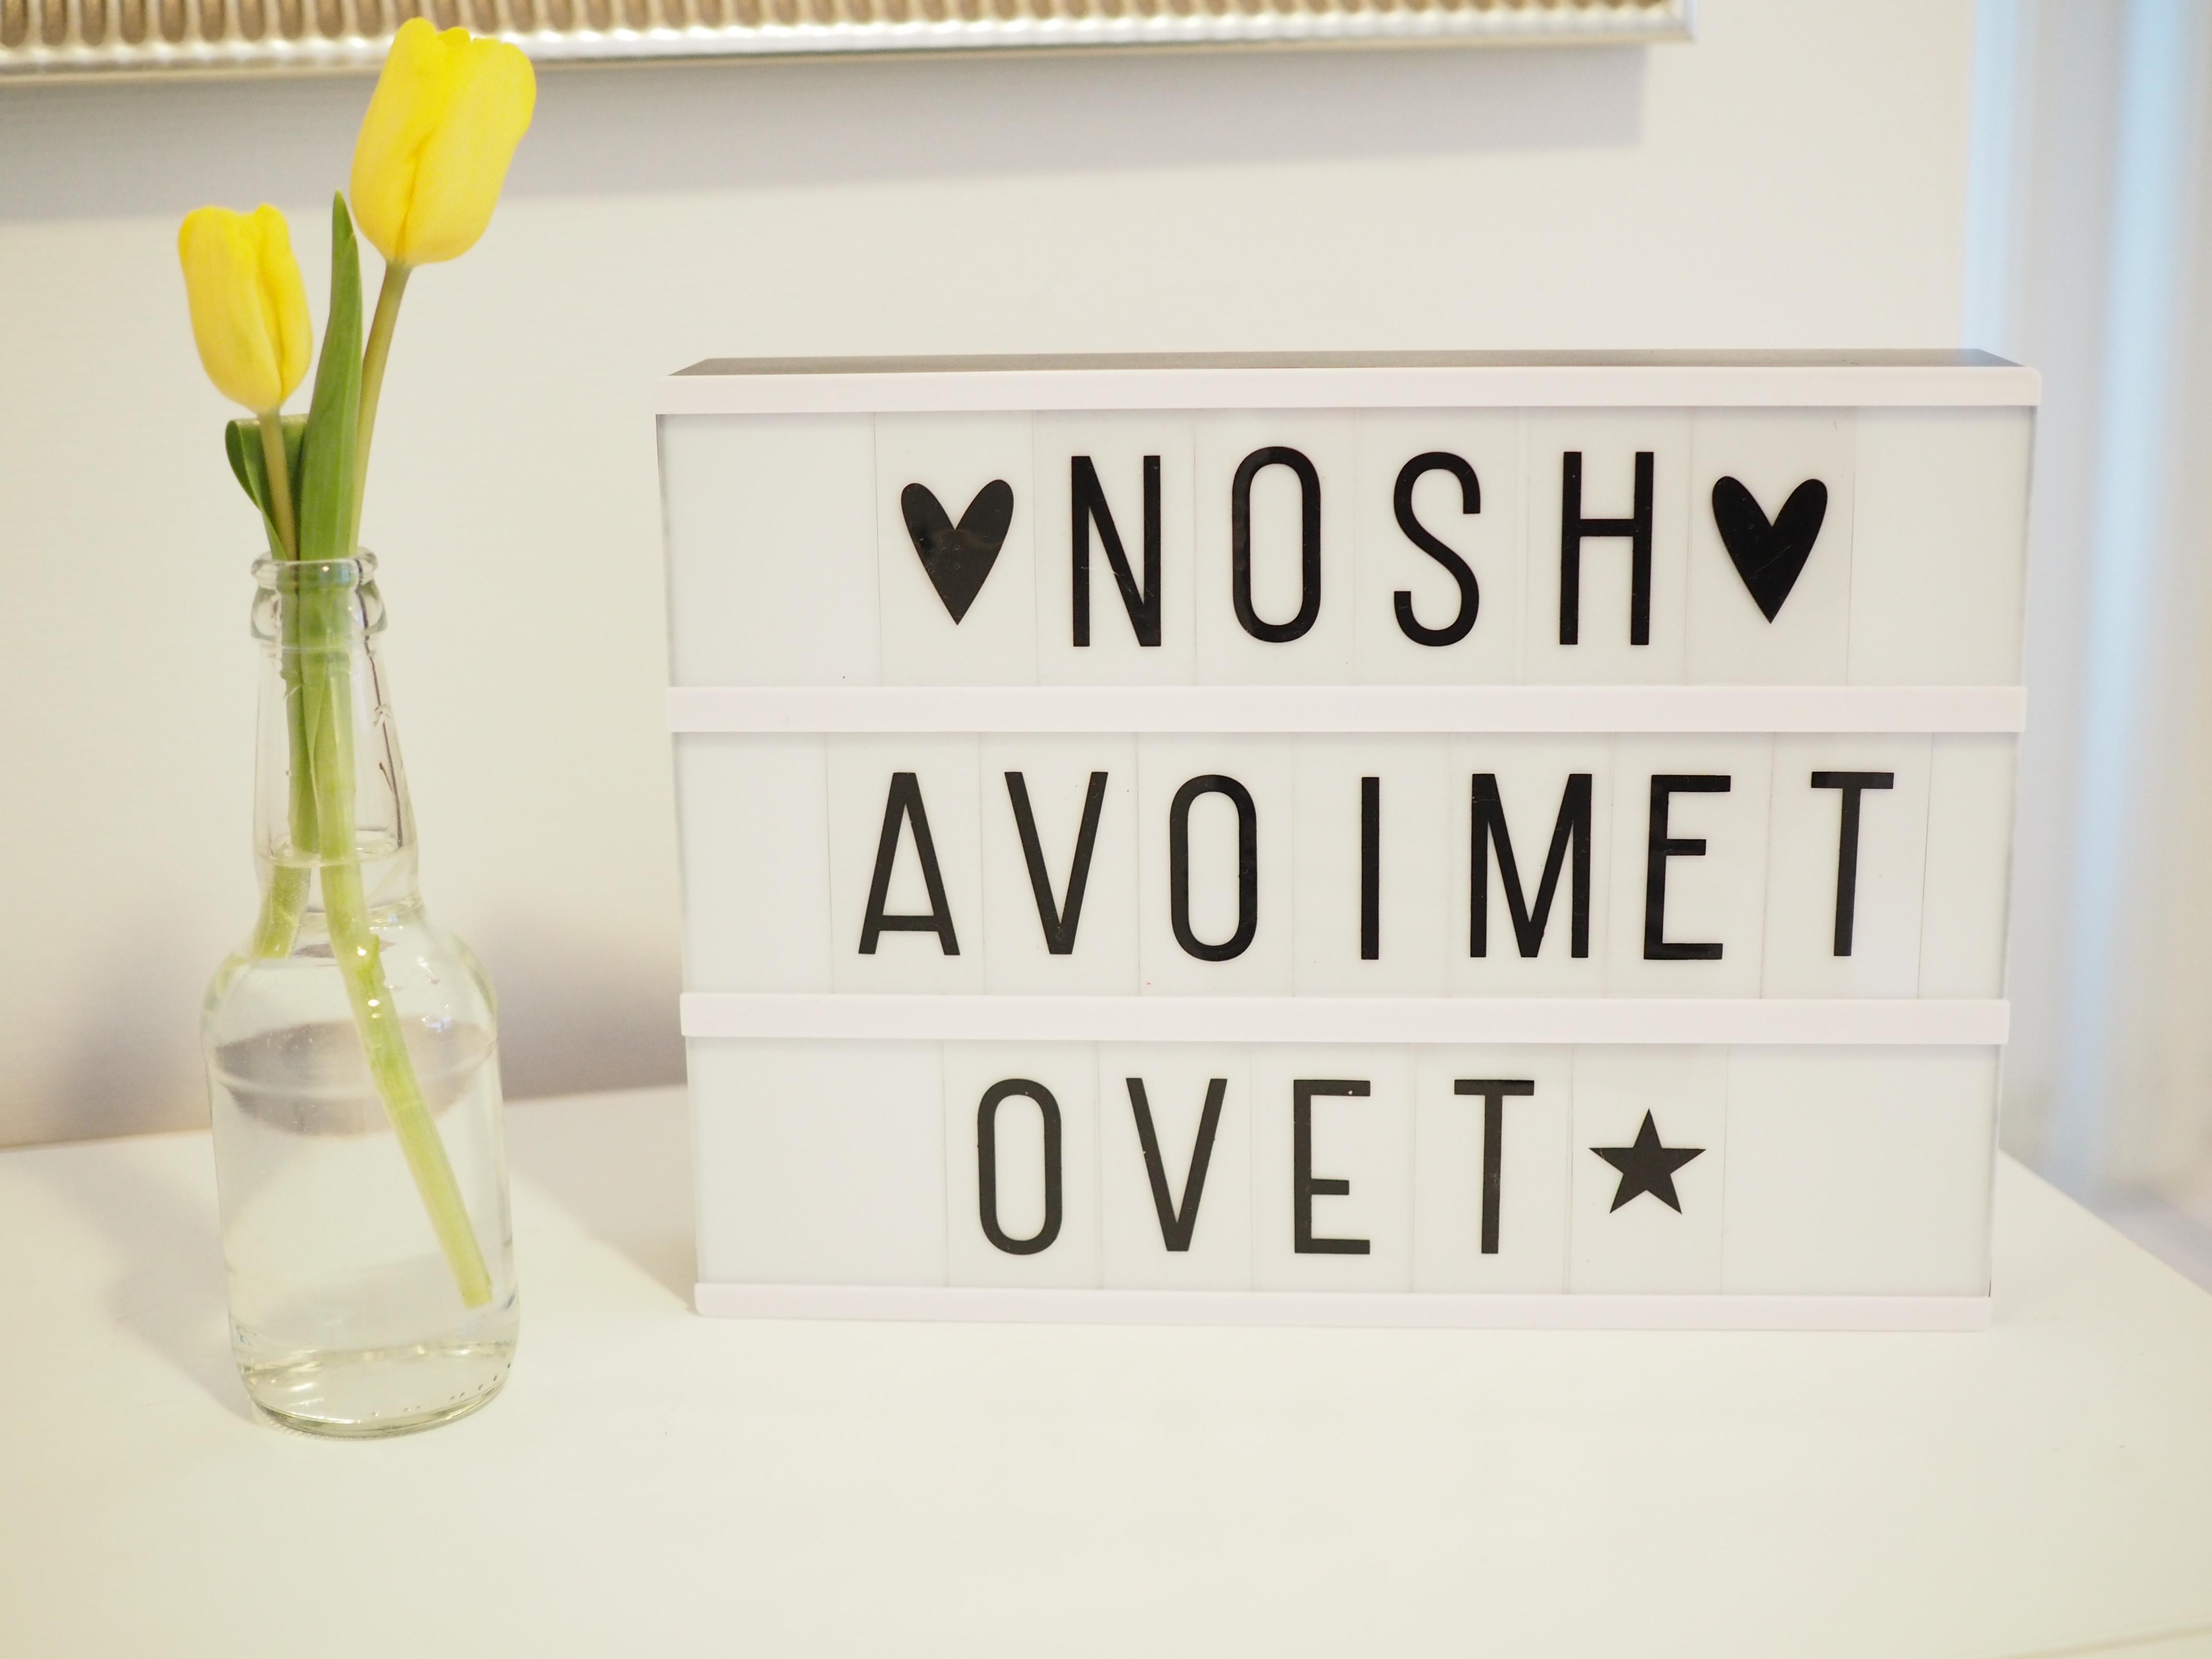 idnosh_avoimetovet